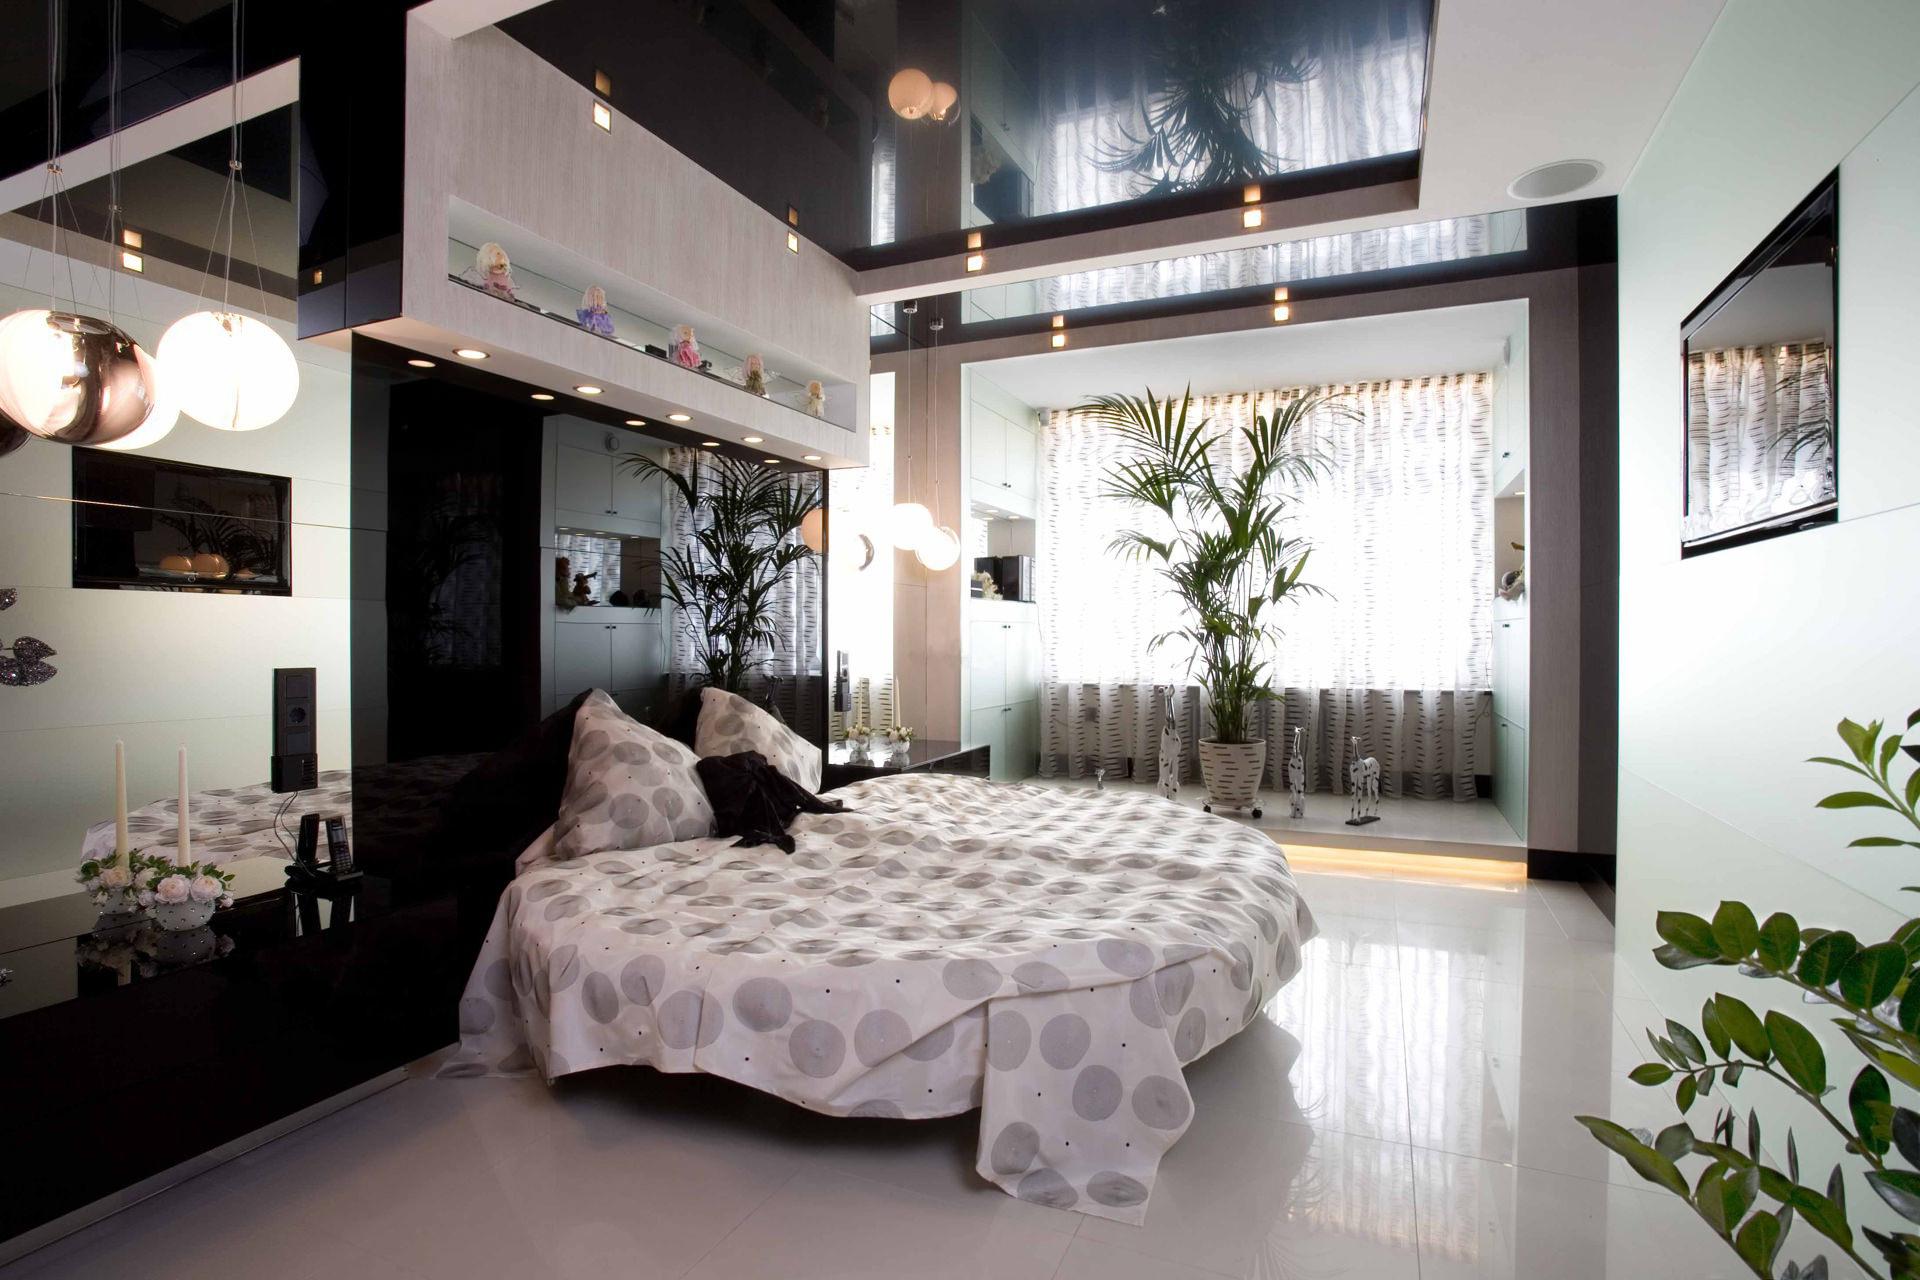 Кровать под потолком в интерьере спальной: особенности, устройство и варианты установки